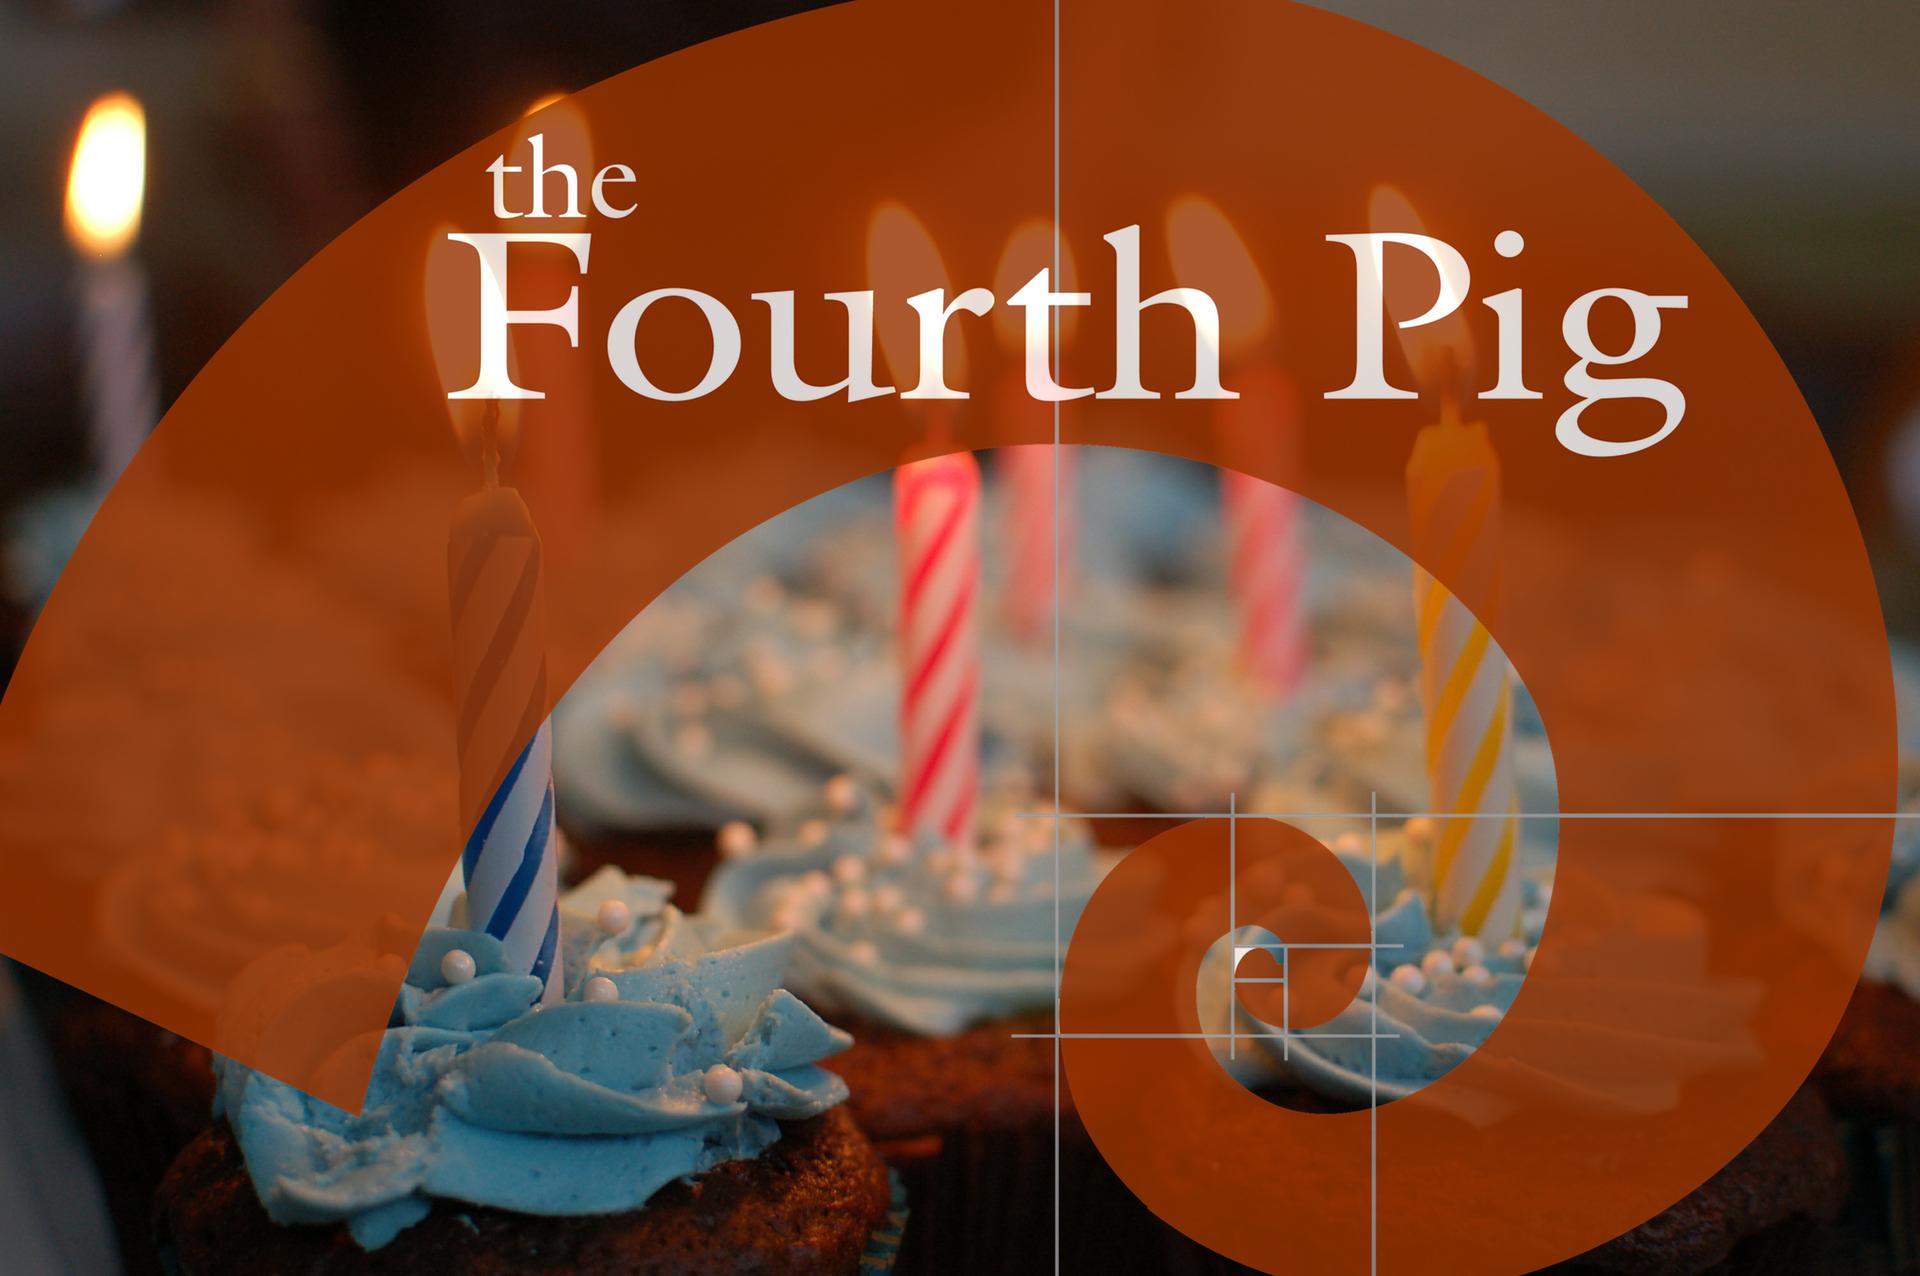 birthday-cake-logo.jpg